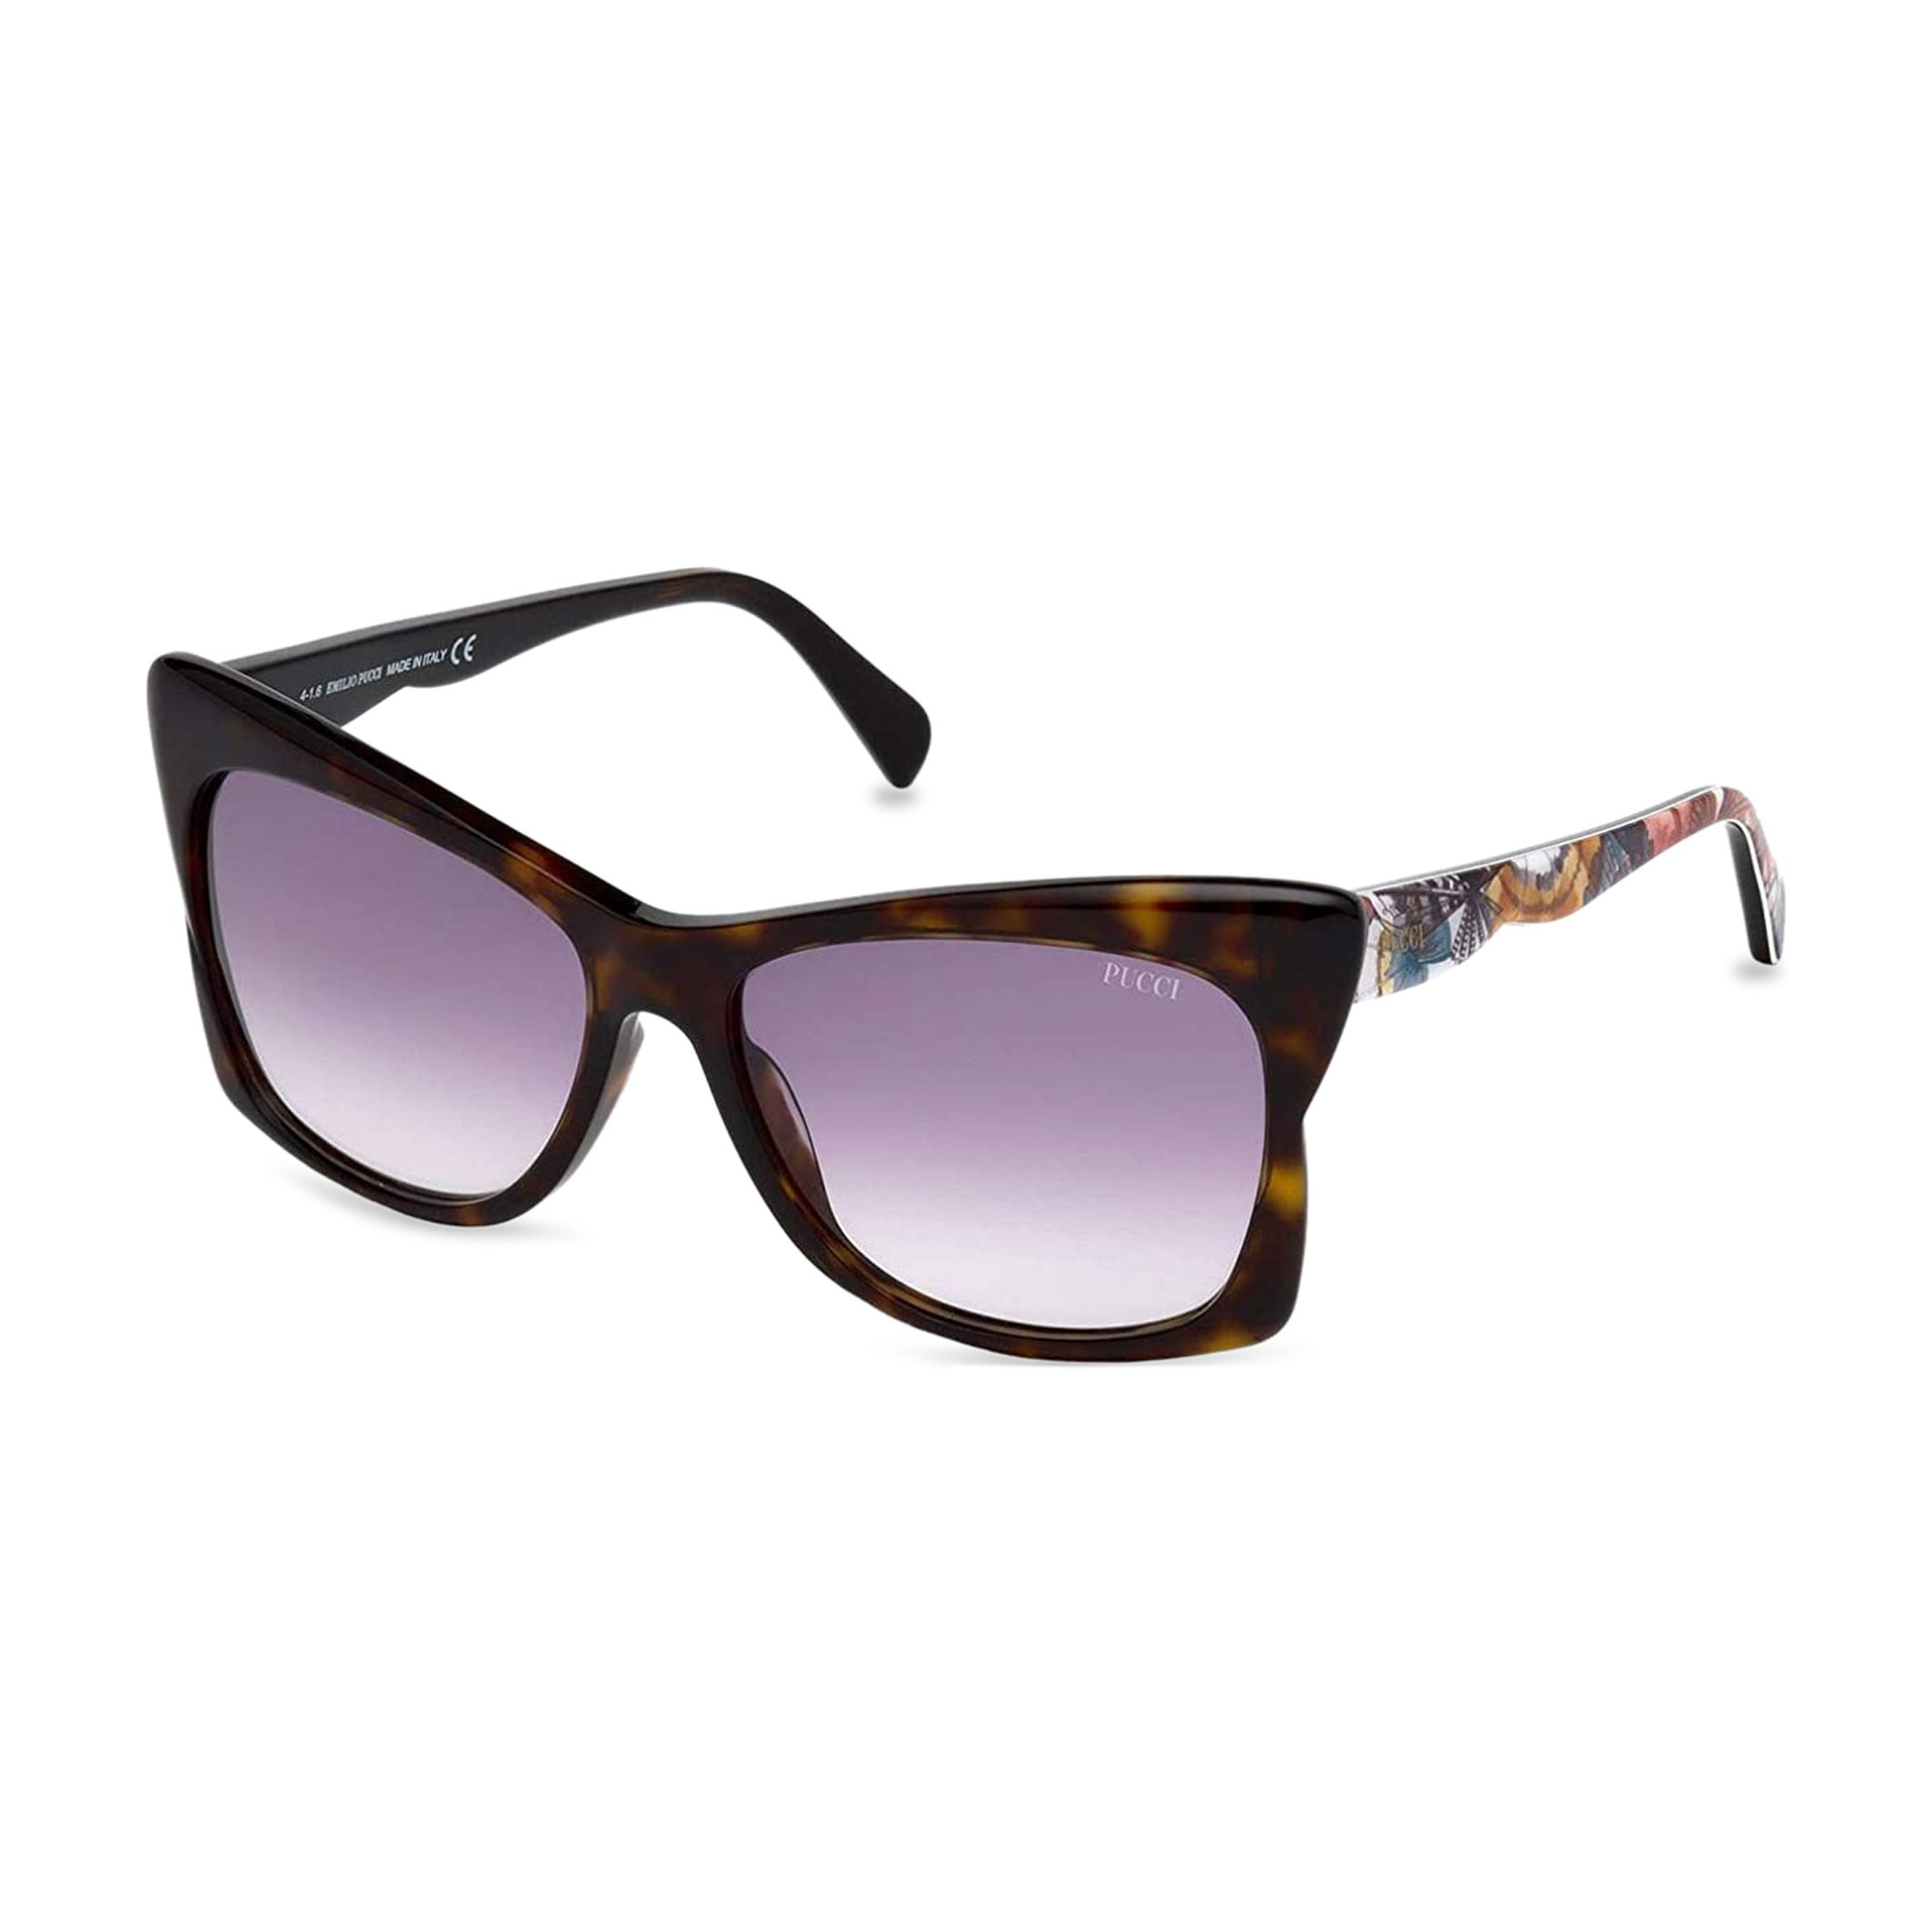 Emilio Pucci Womens Sunglasses